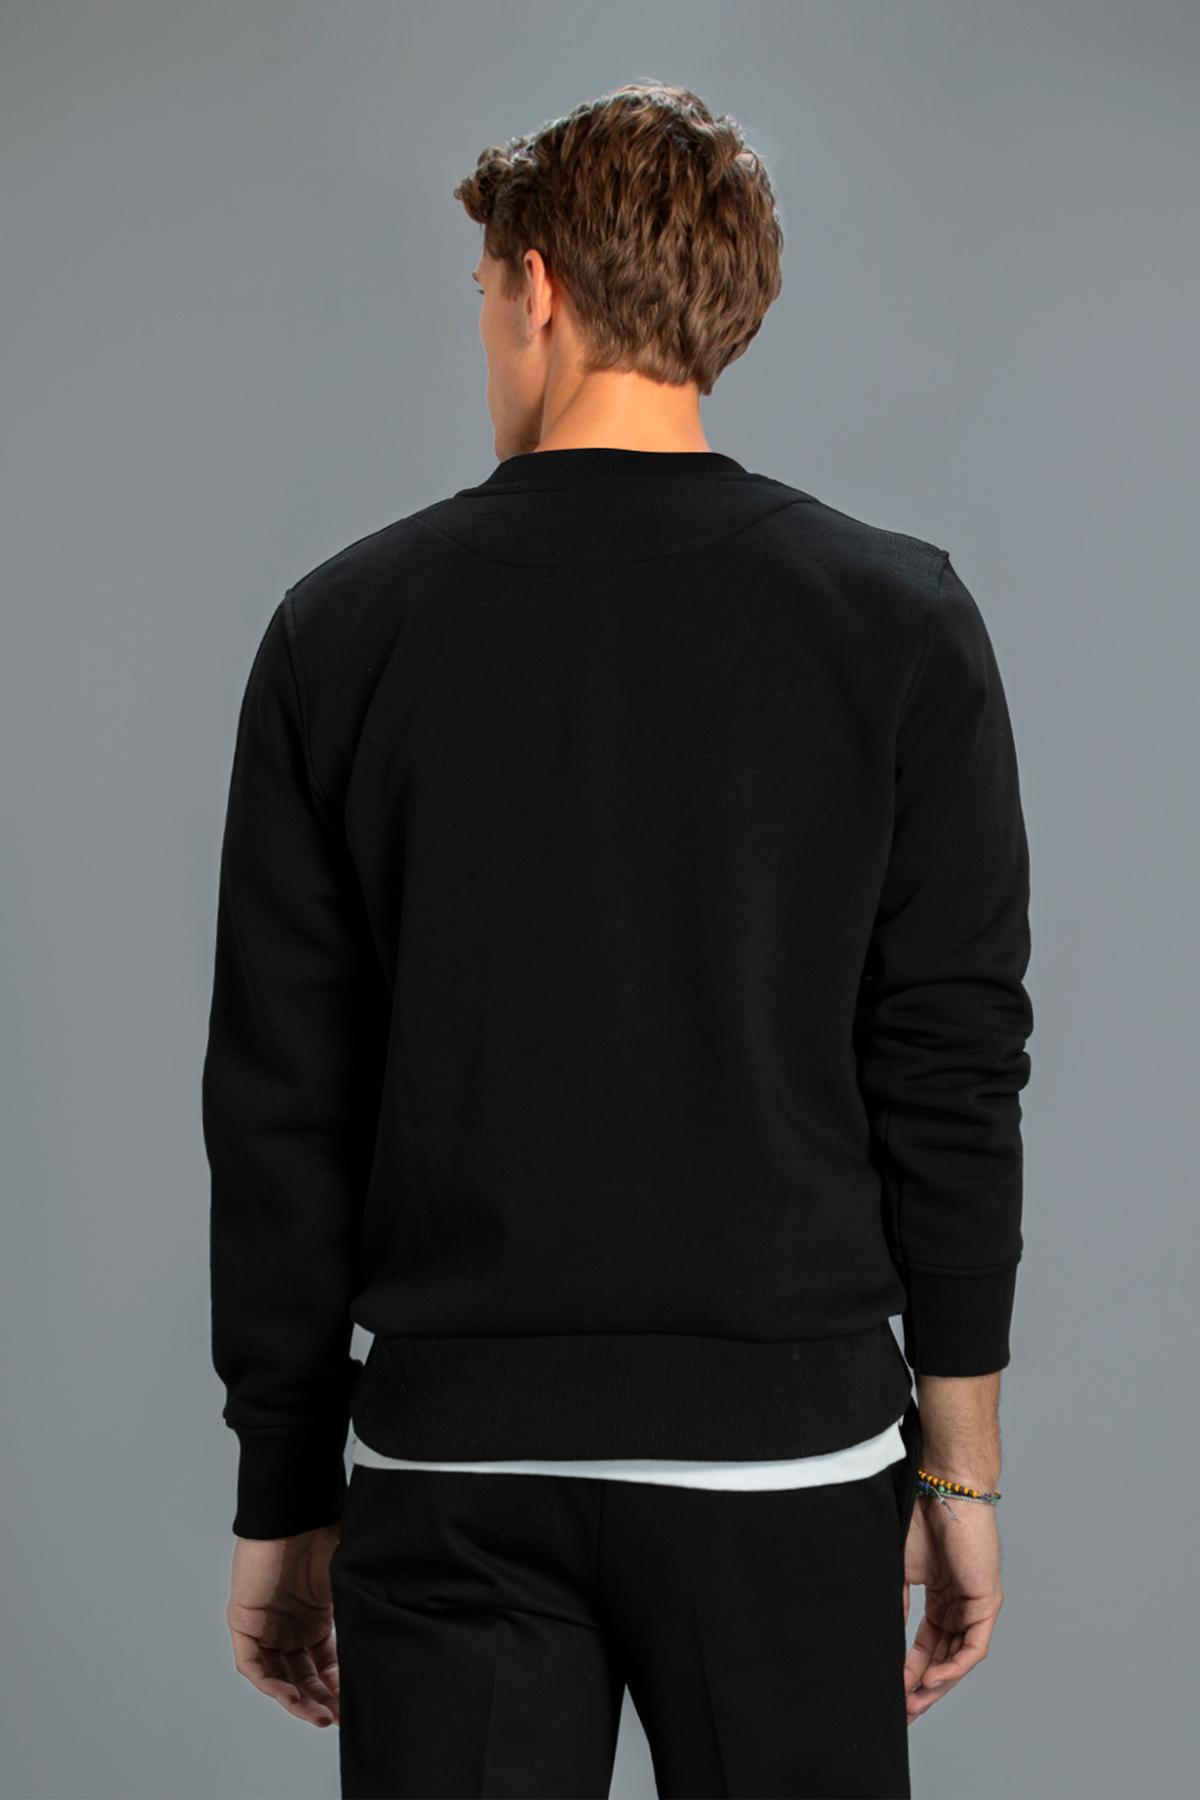 Star Erkek Sweatshirt Siyah